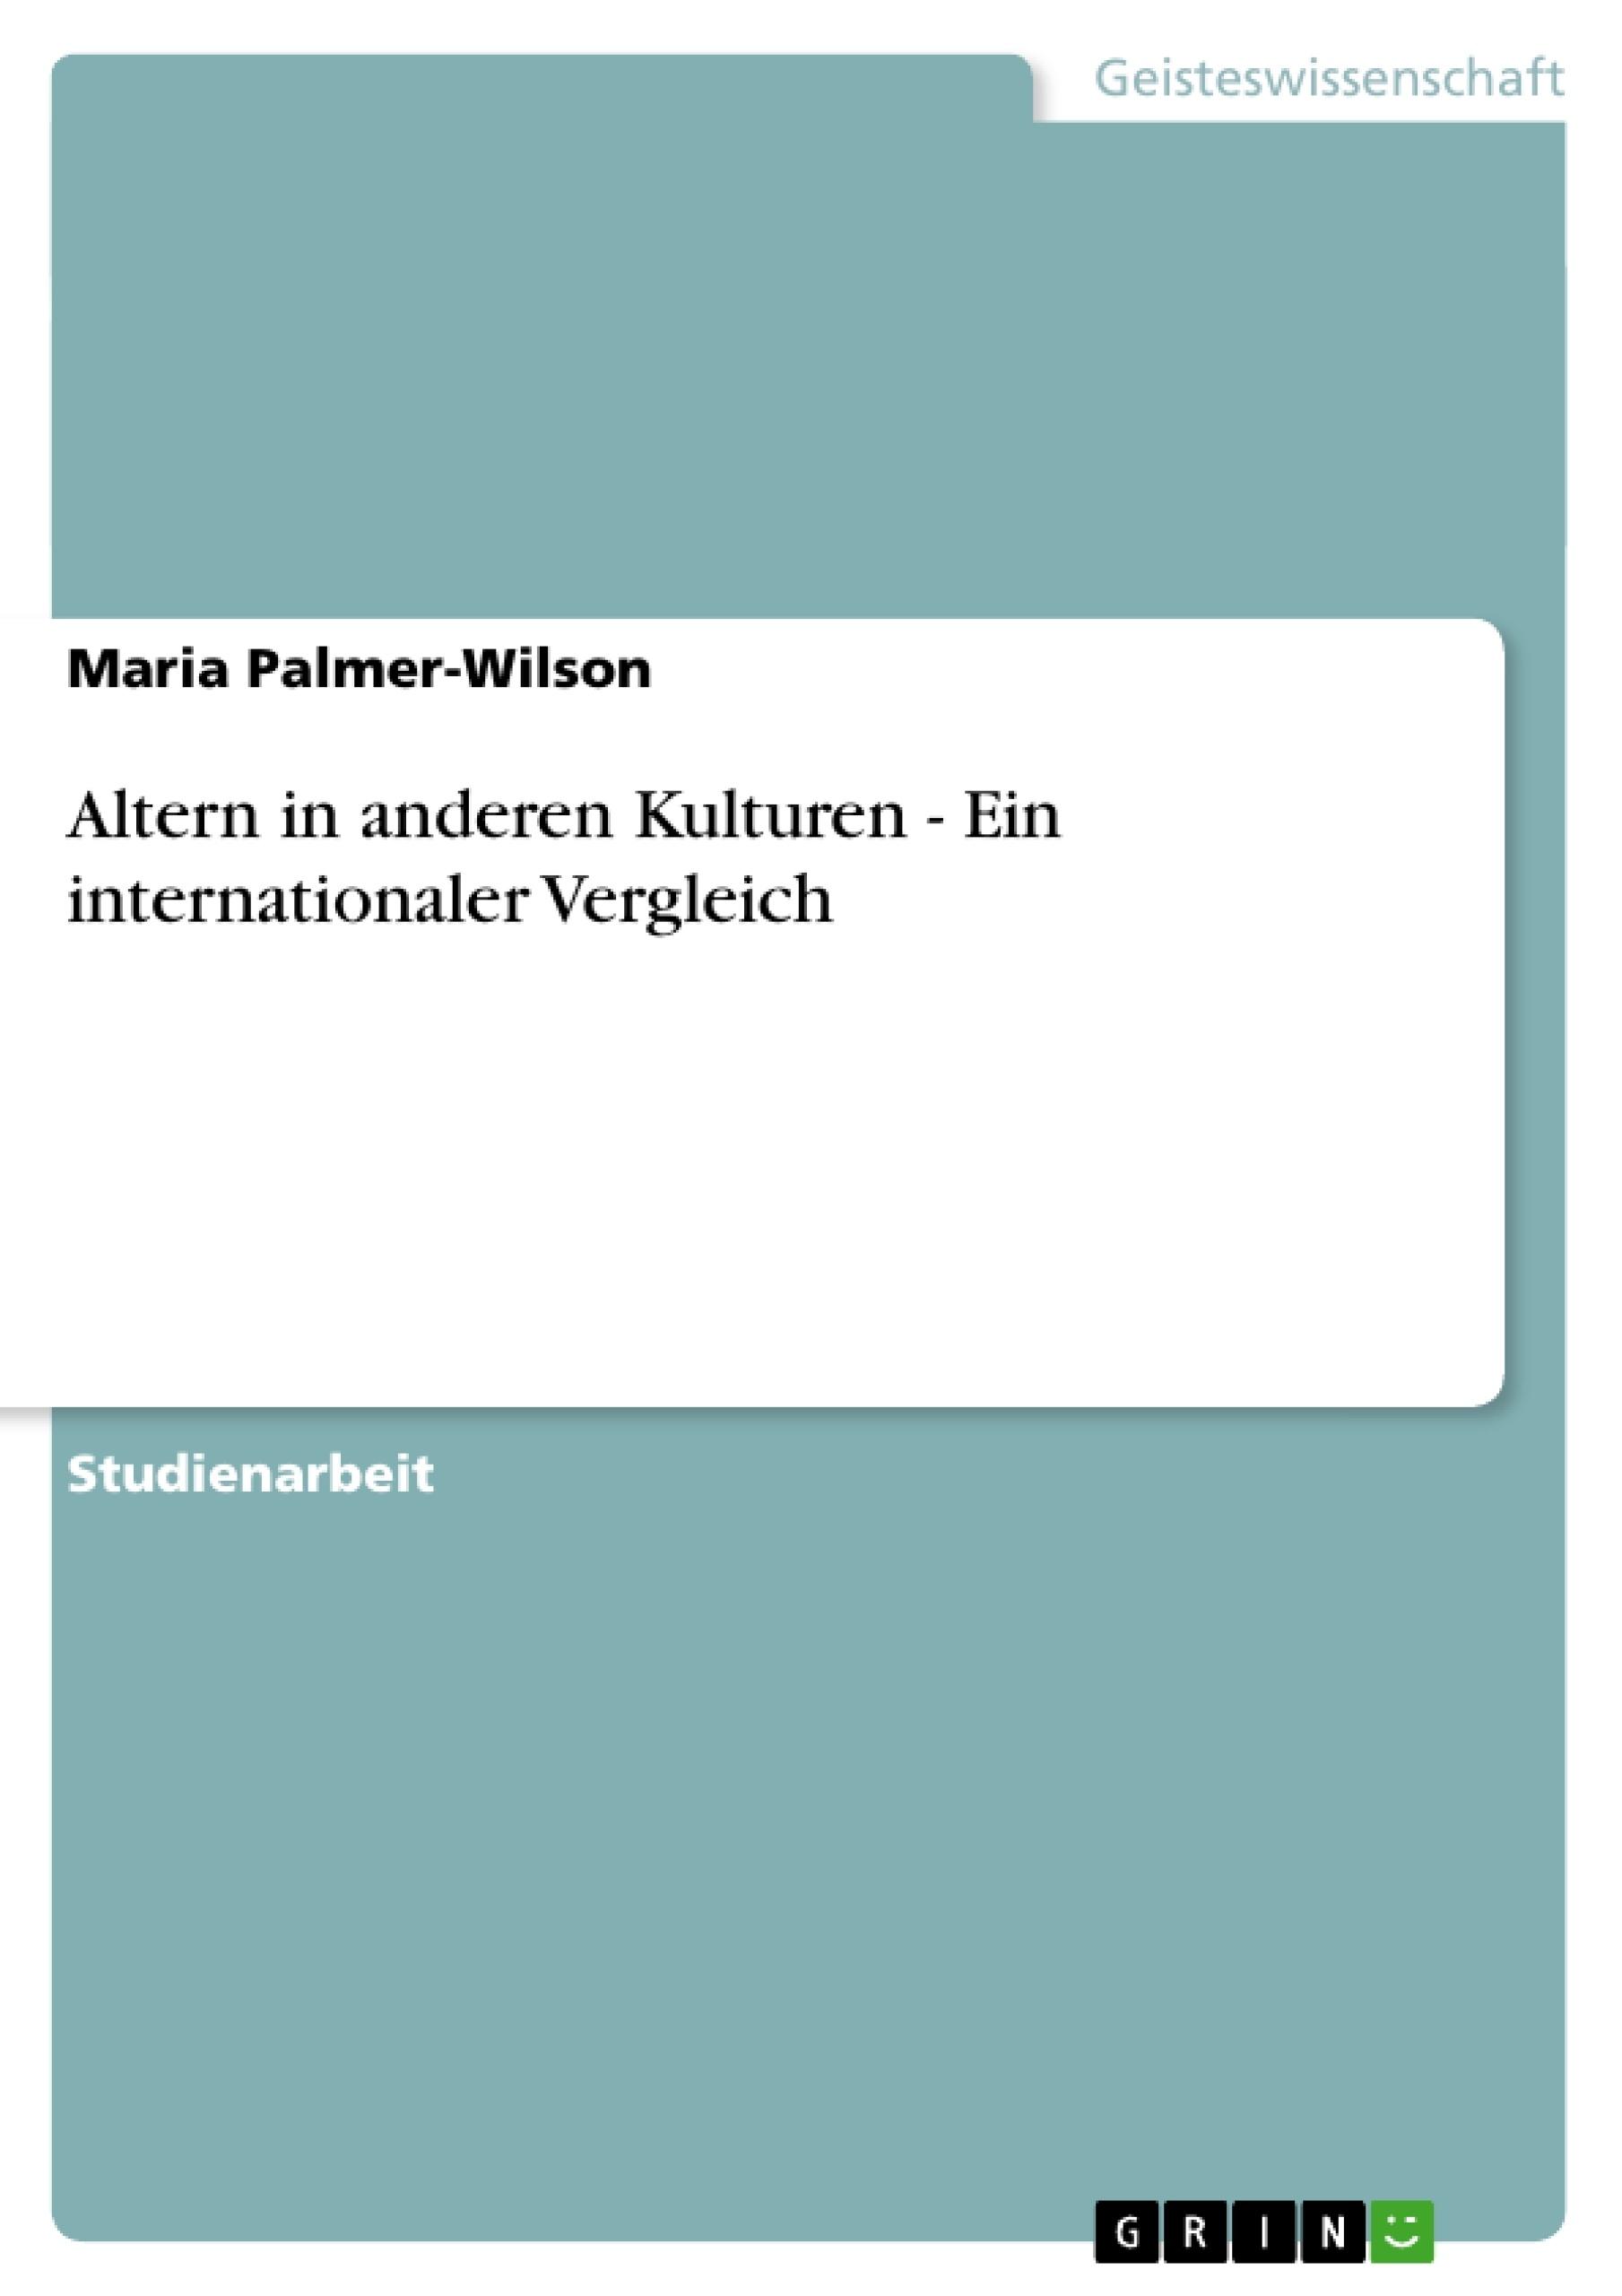 Titel: Altern in anderen Kulturen - Ein internationaler Vergleich